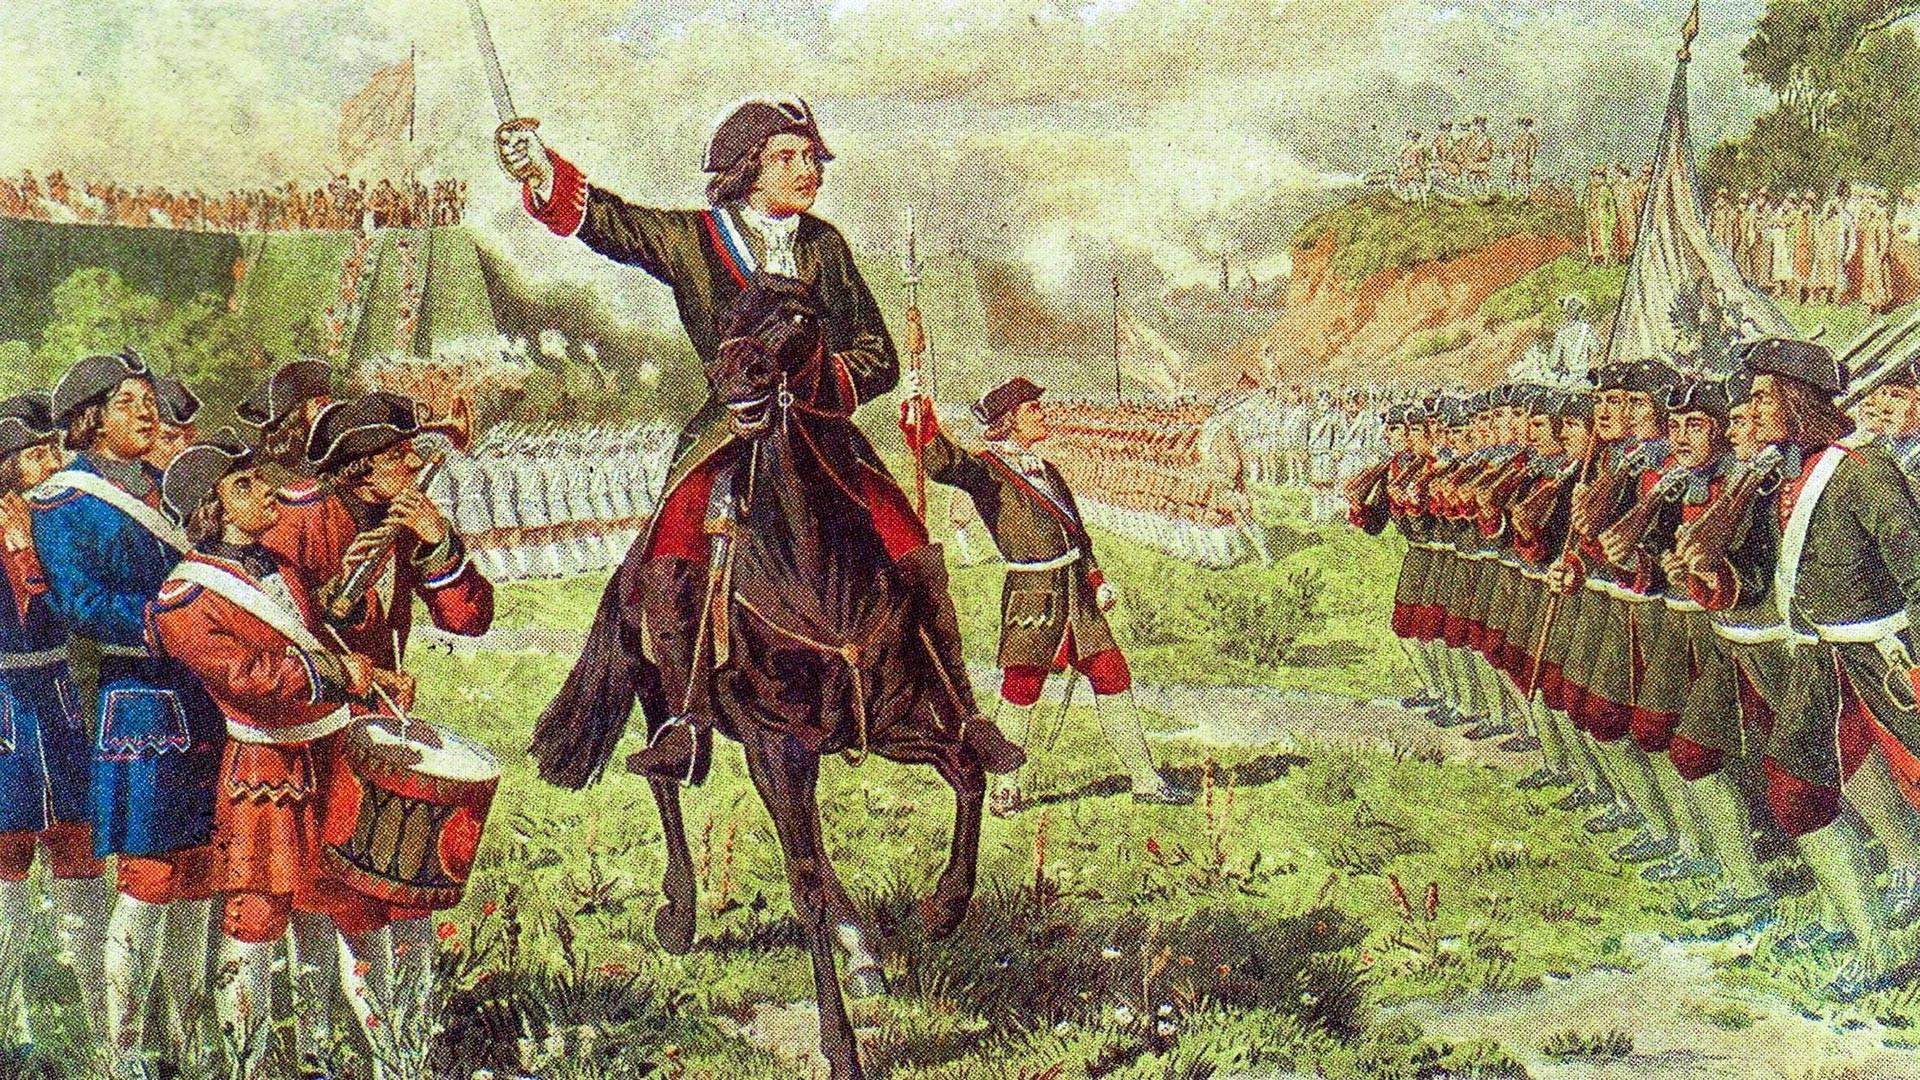 Војне игре Потешних јединица Петра I код села Кожухова.